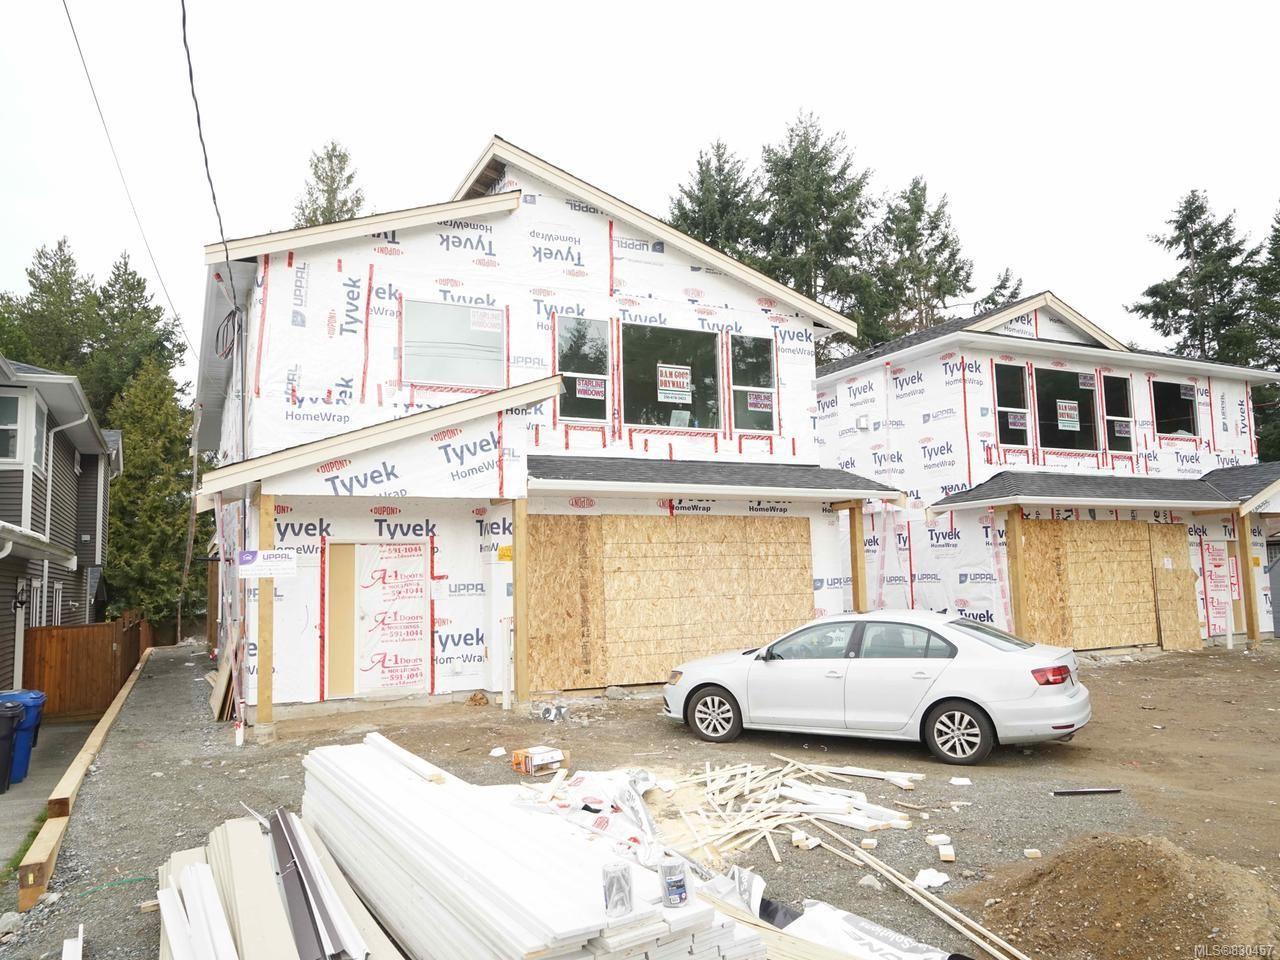 Main Photo: 6430 Portsmouth Rd in NANAIMO: Na North Nanaimo House for sale (Nanaimo)  : MLS®# 830457